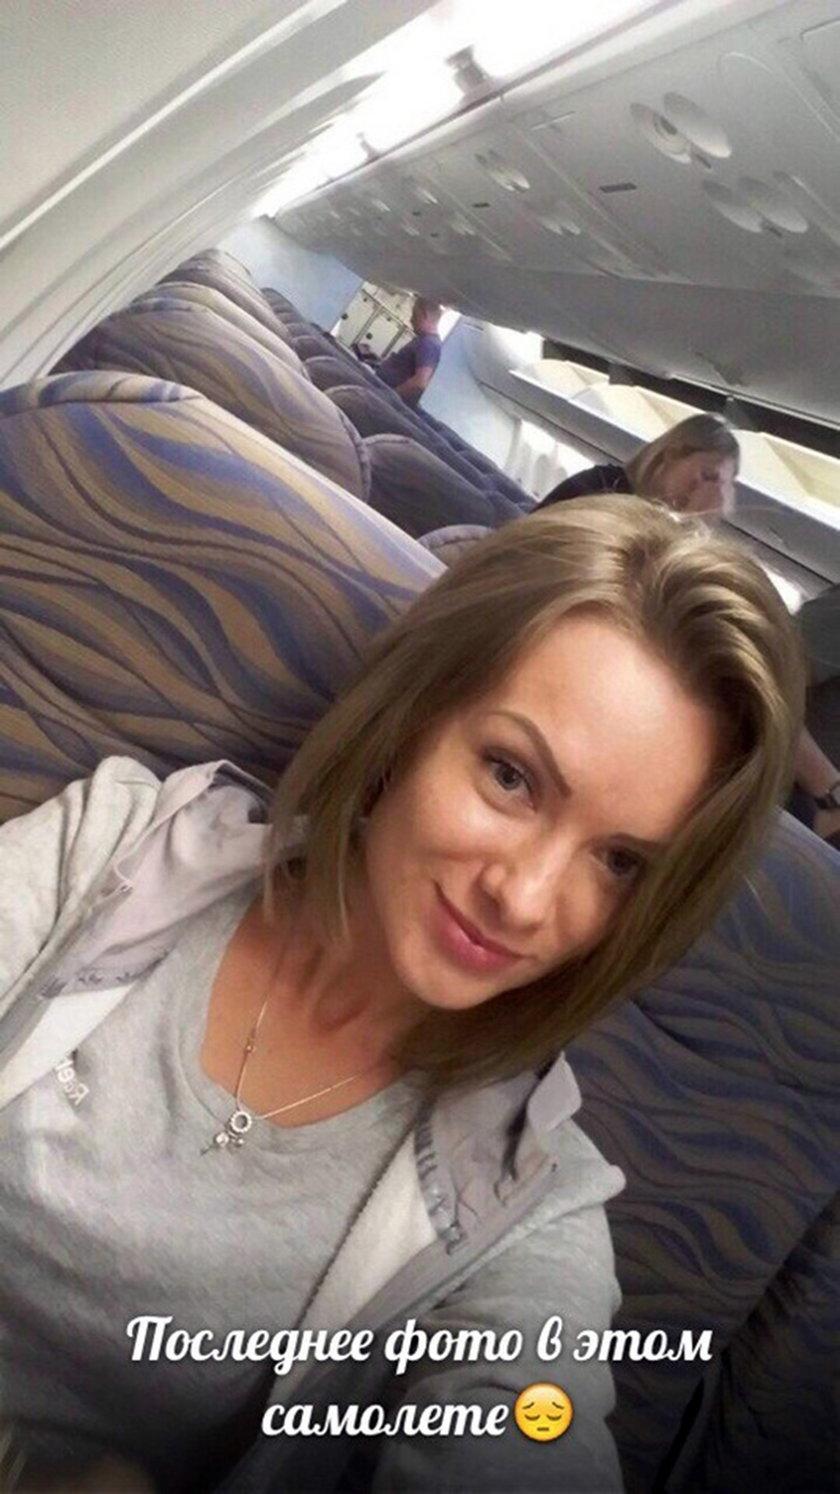 Anna Sergiejewa